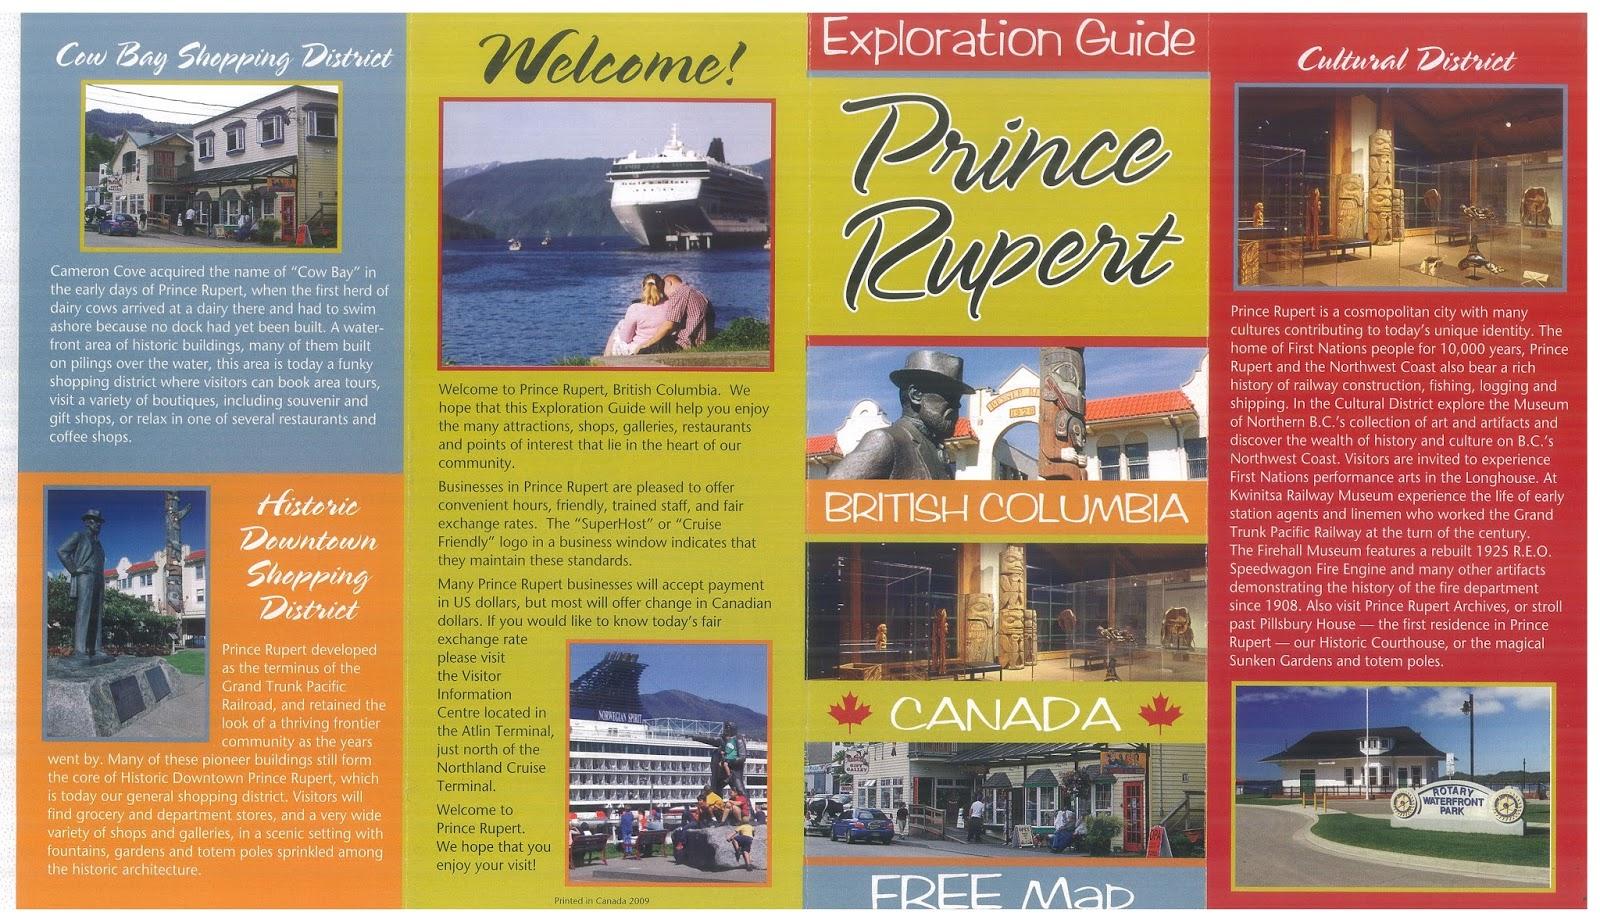 Brosur Tempat Wisata Dalam Bahasa Inggris